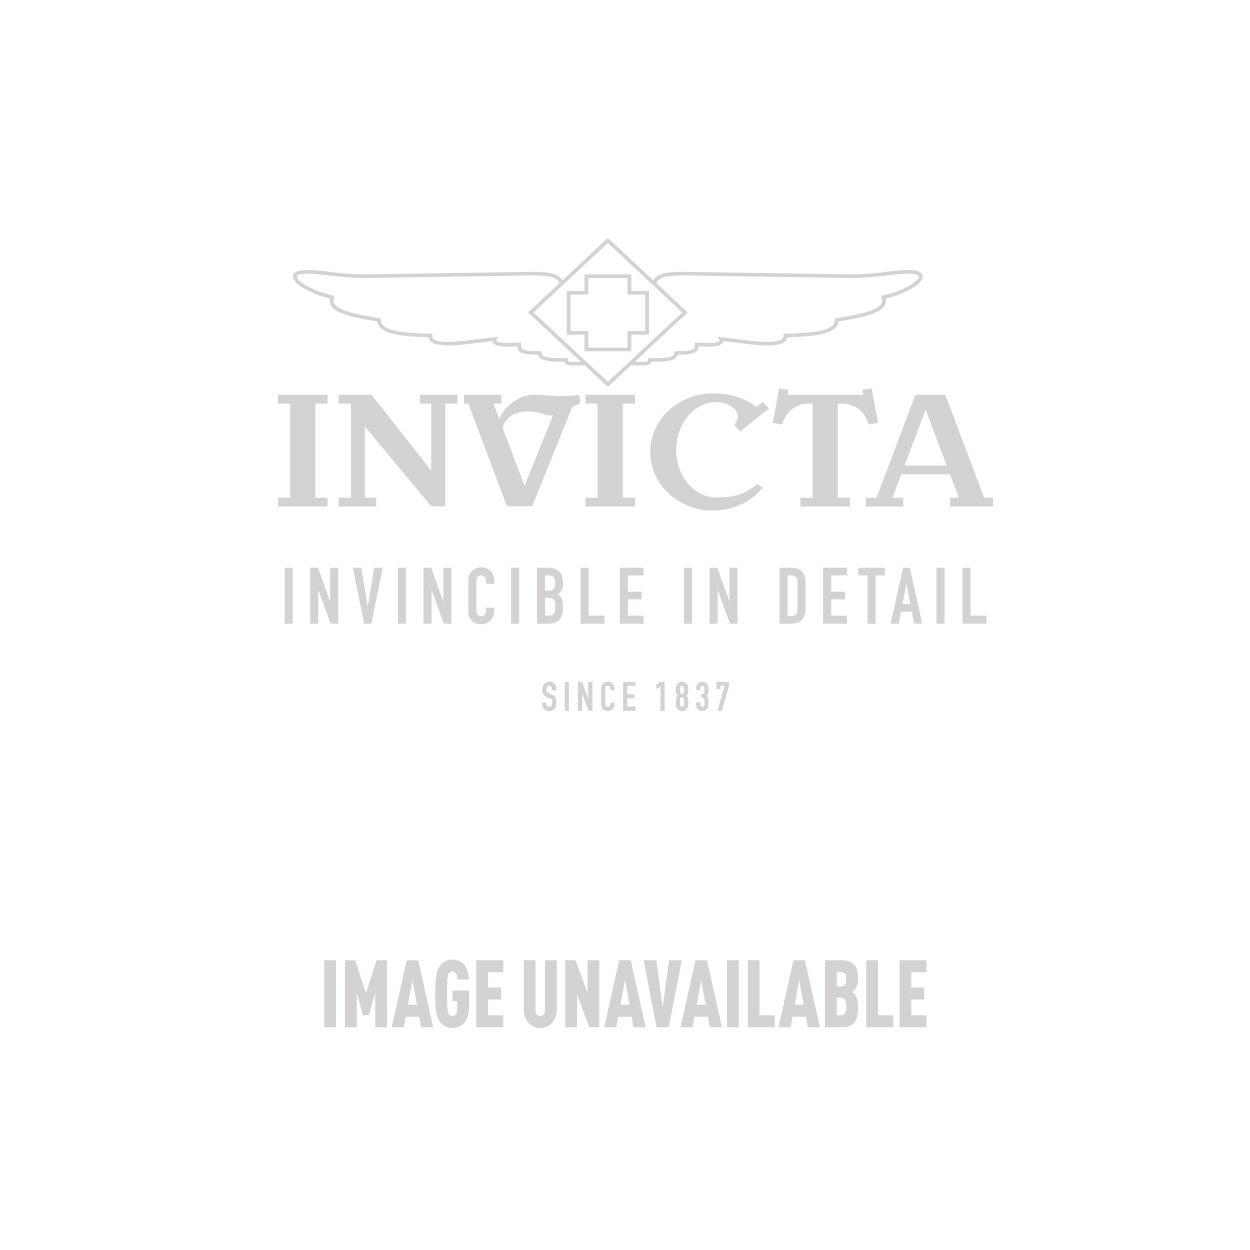 Invicta Model 27566